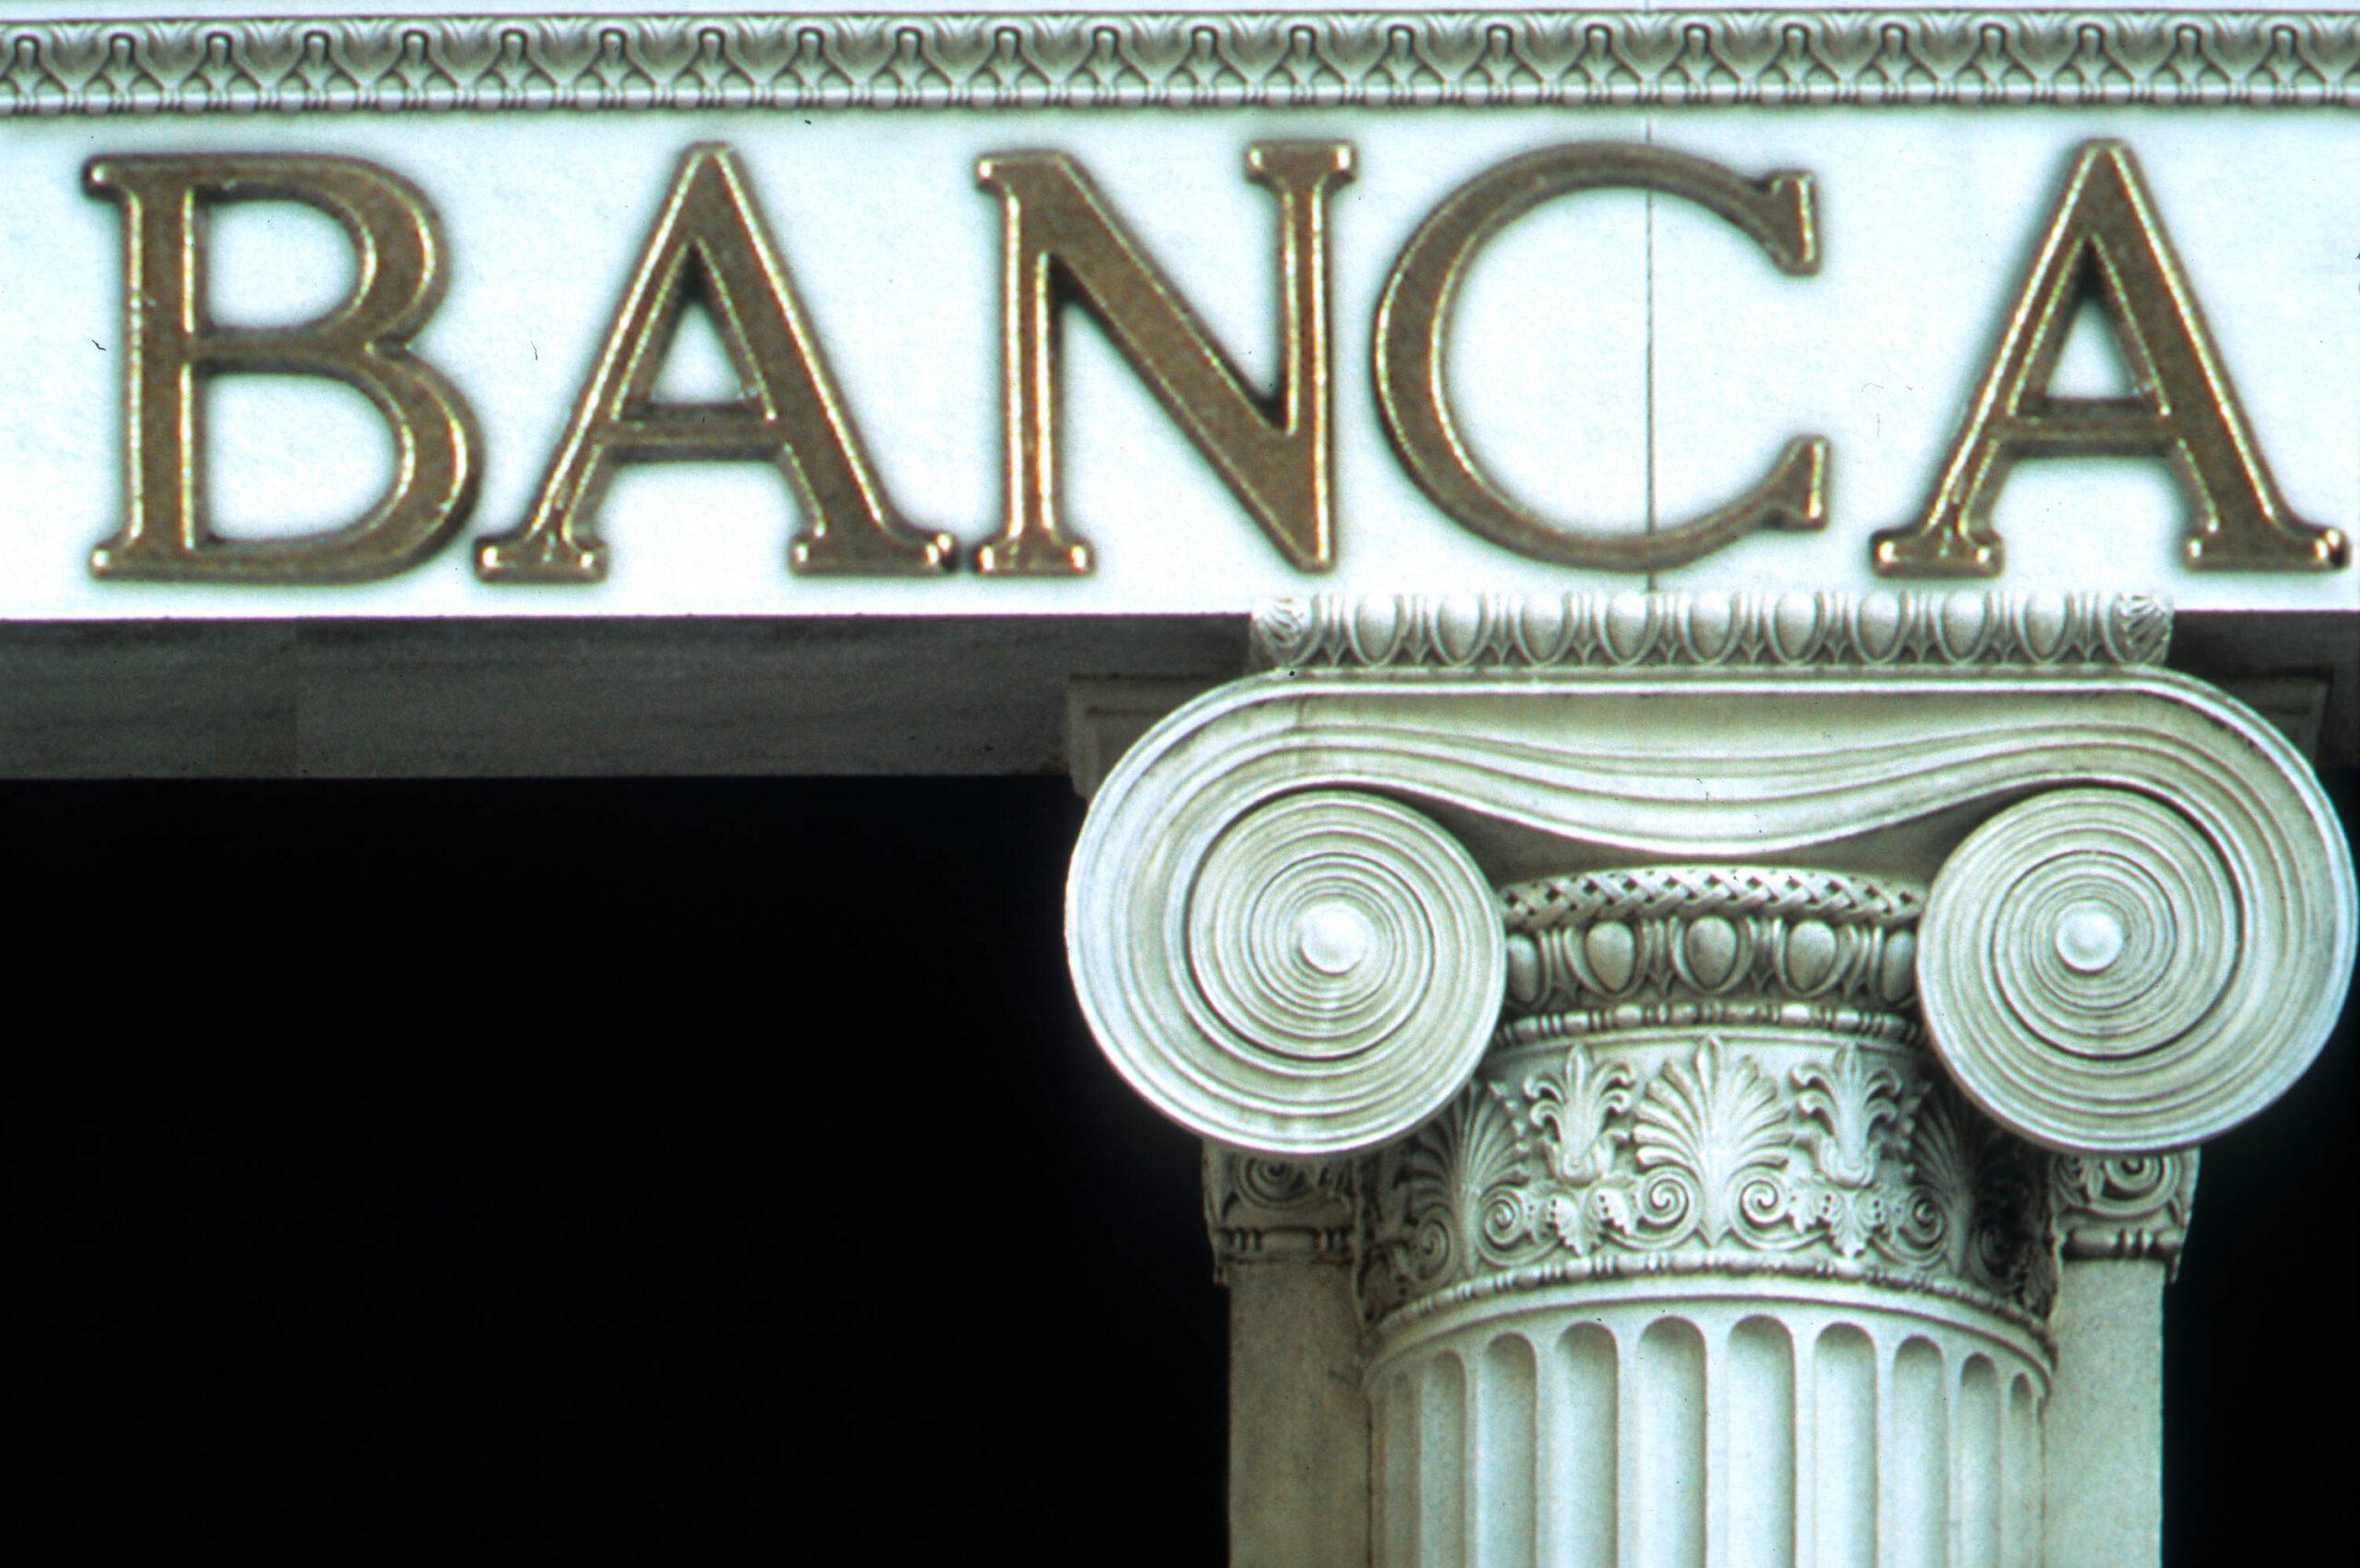 Tribunale UE annulla decisione SRB su contributi banche